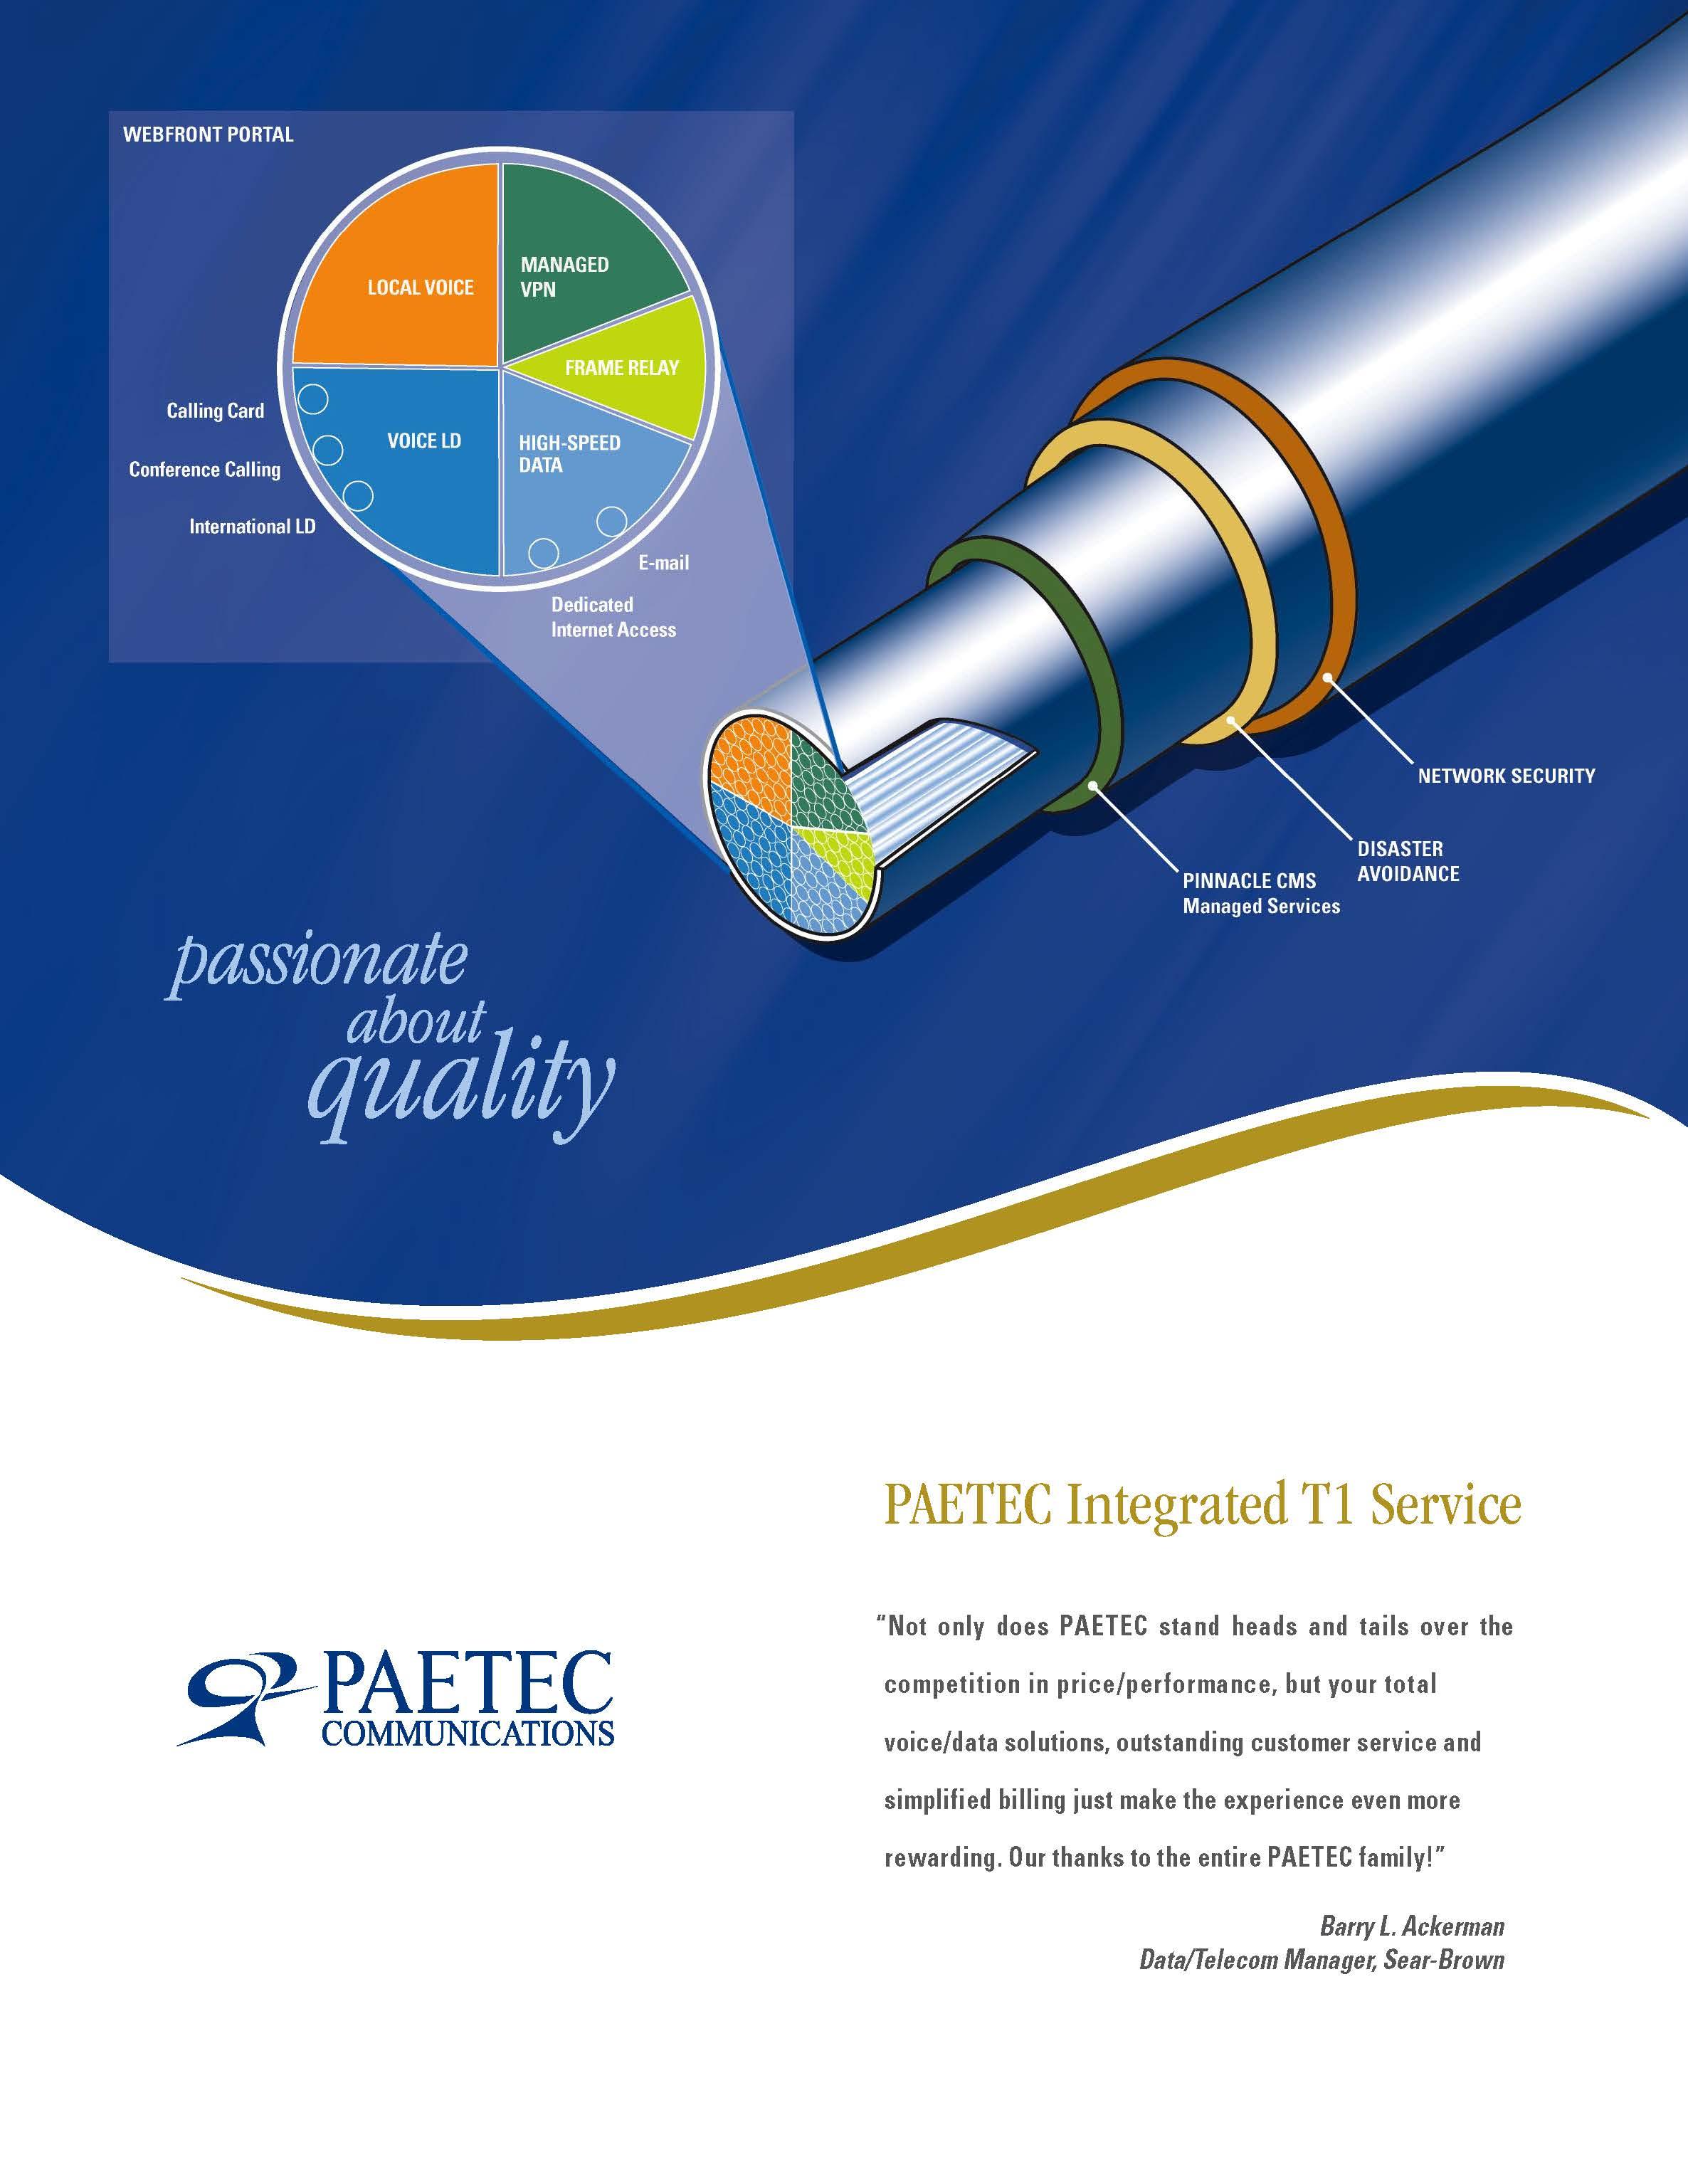 Paetec_Page_29.jpg